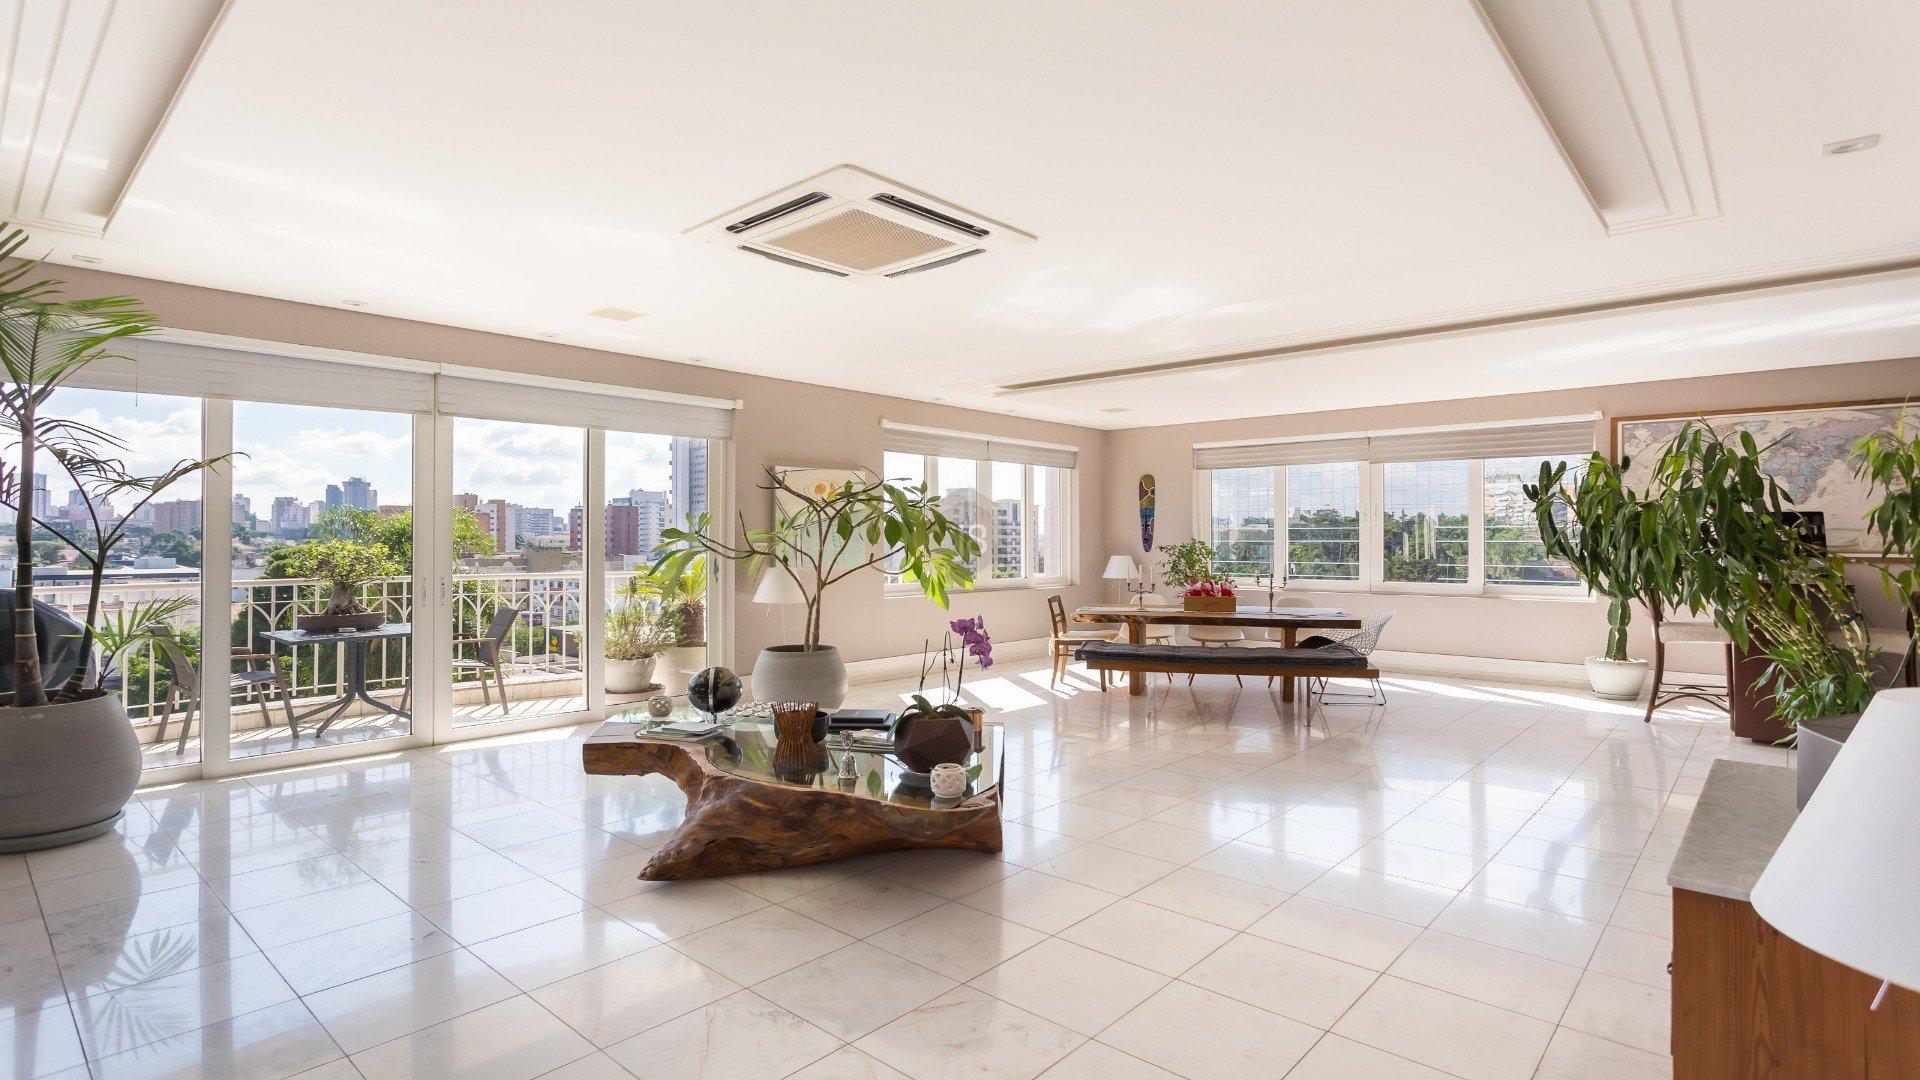 Foto de destaque Maison paris - apartamento de luxo no batel